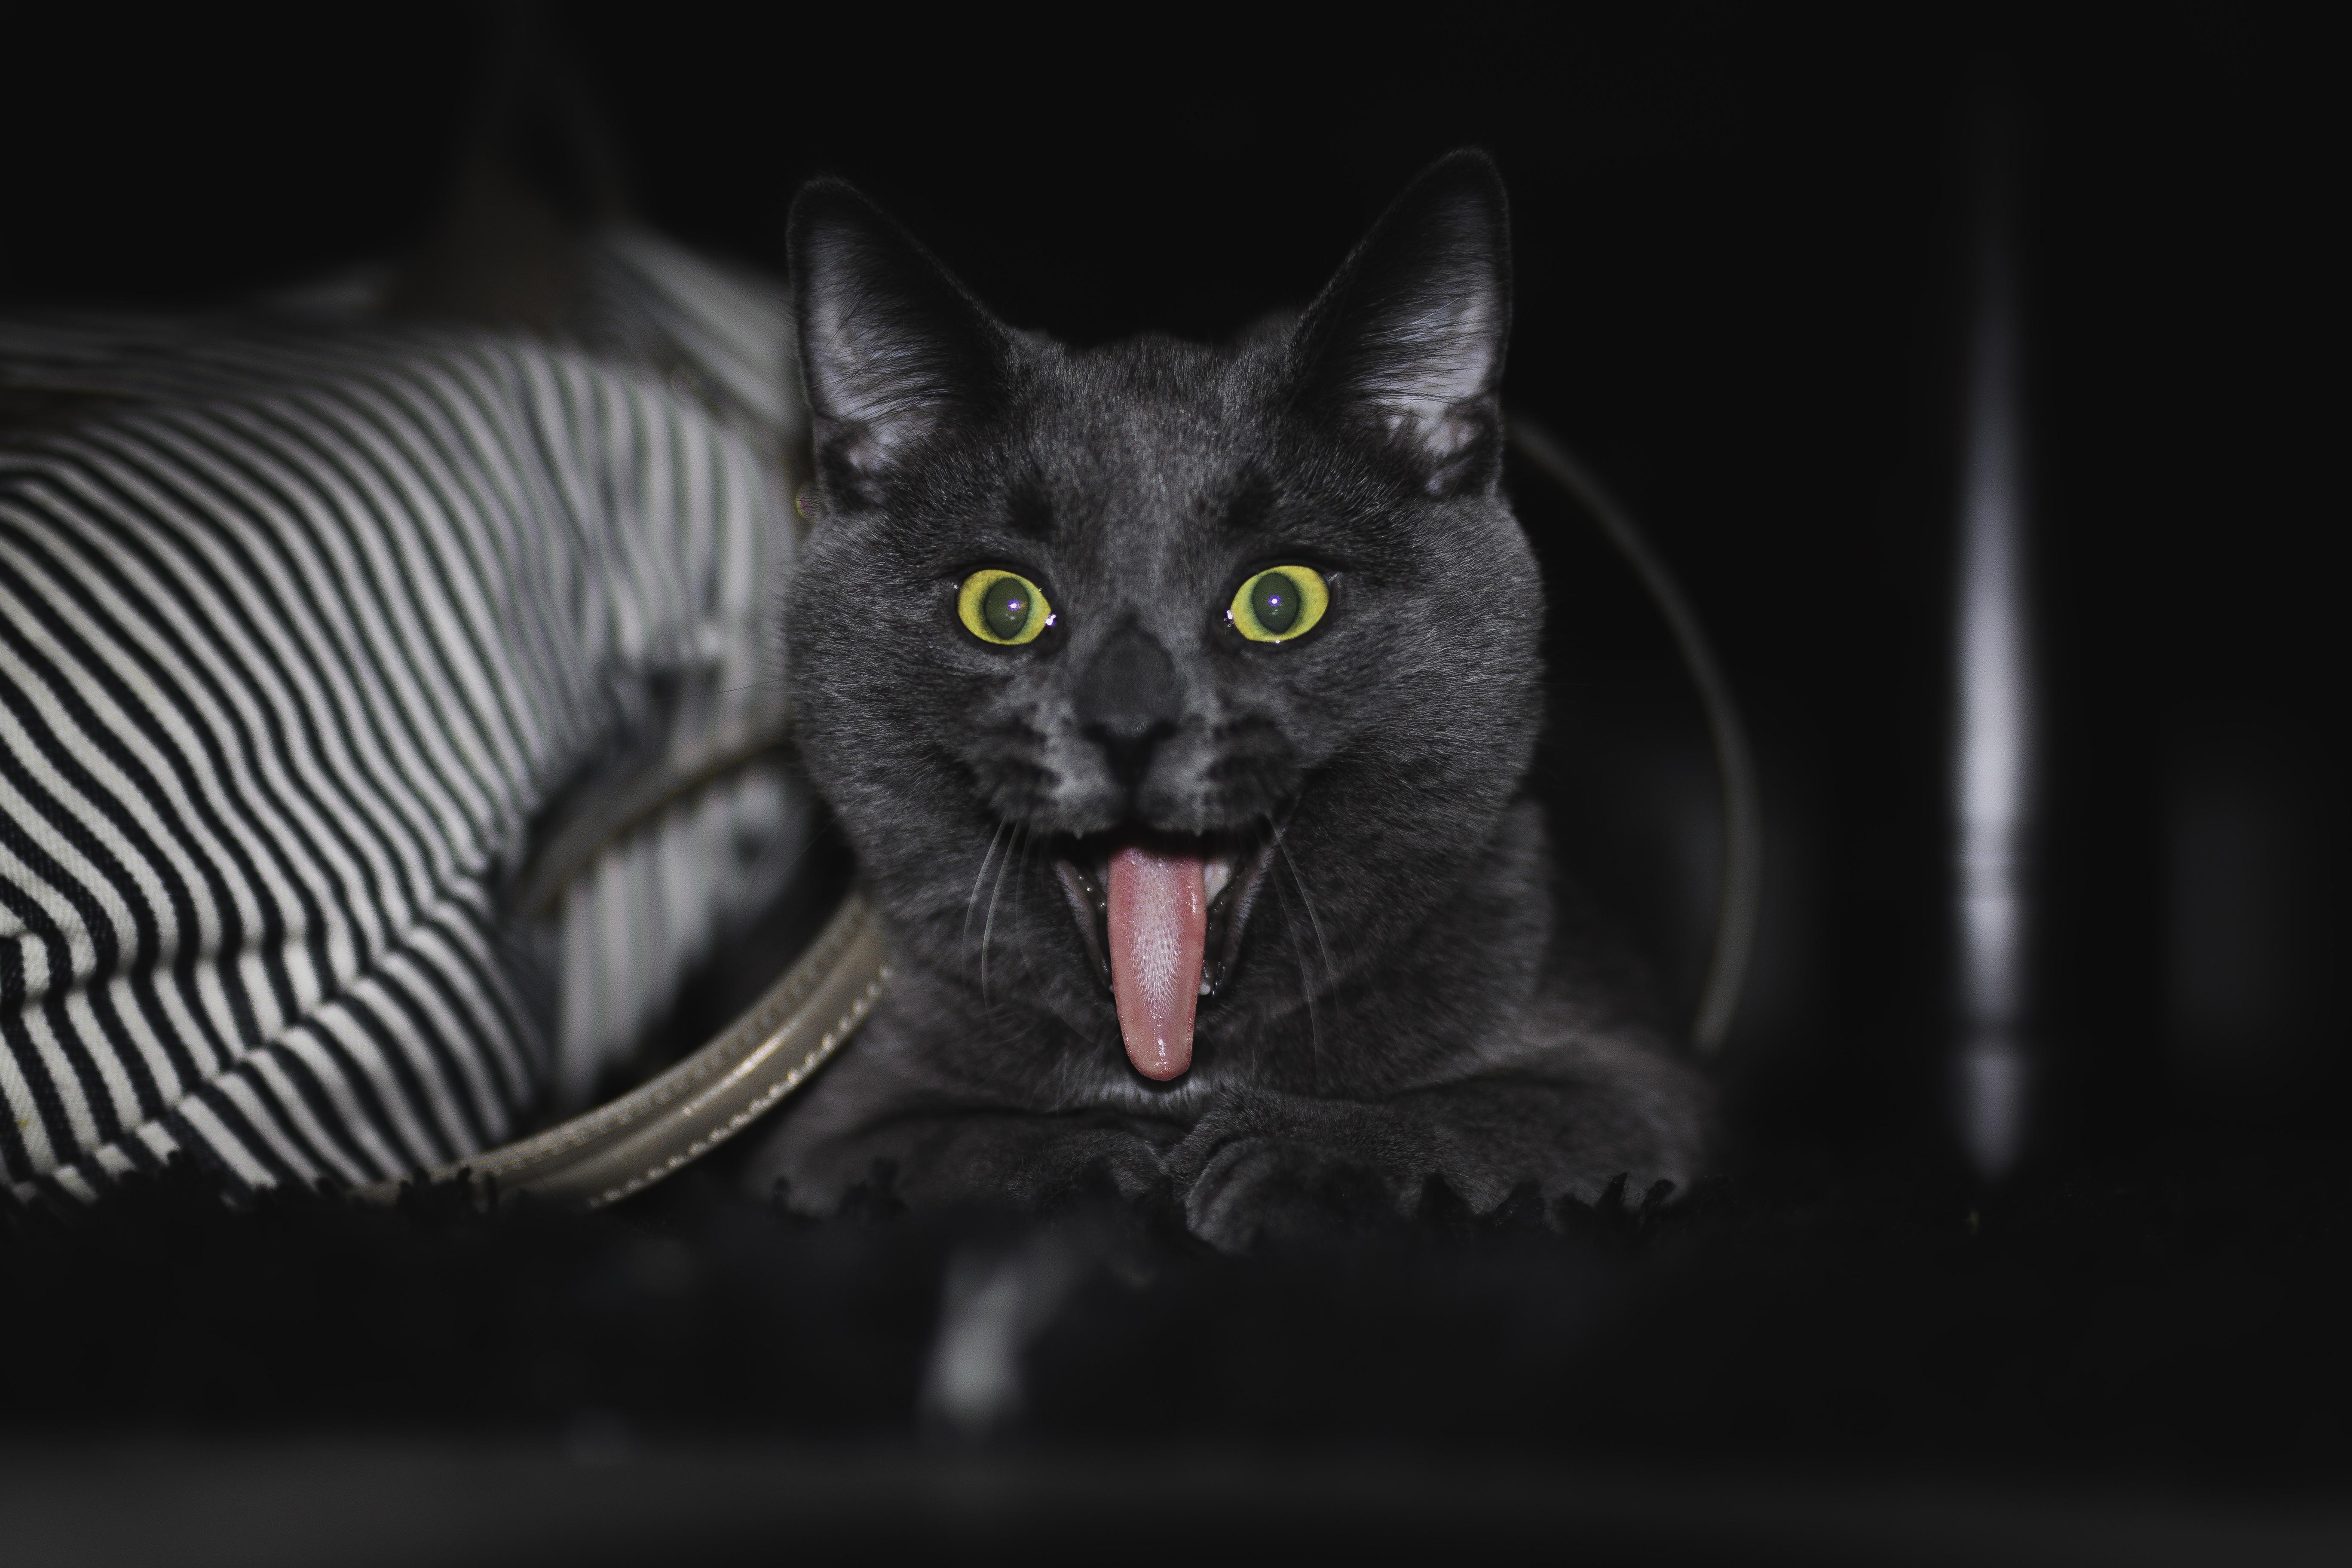 General 5472x3648 cats Norway animals pet humor black